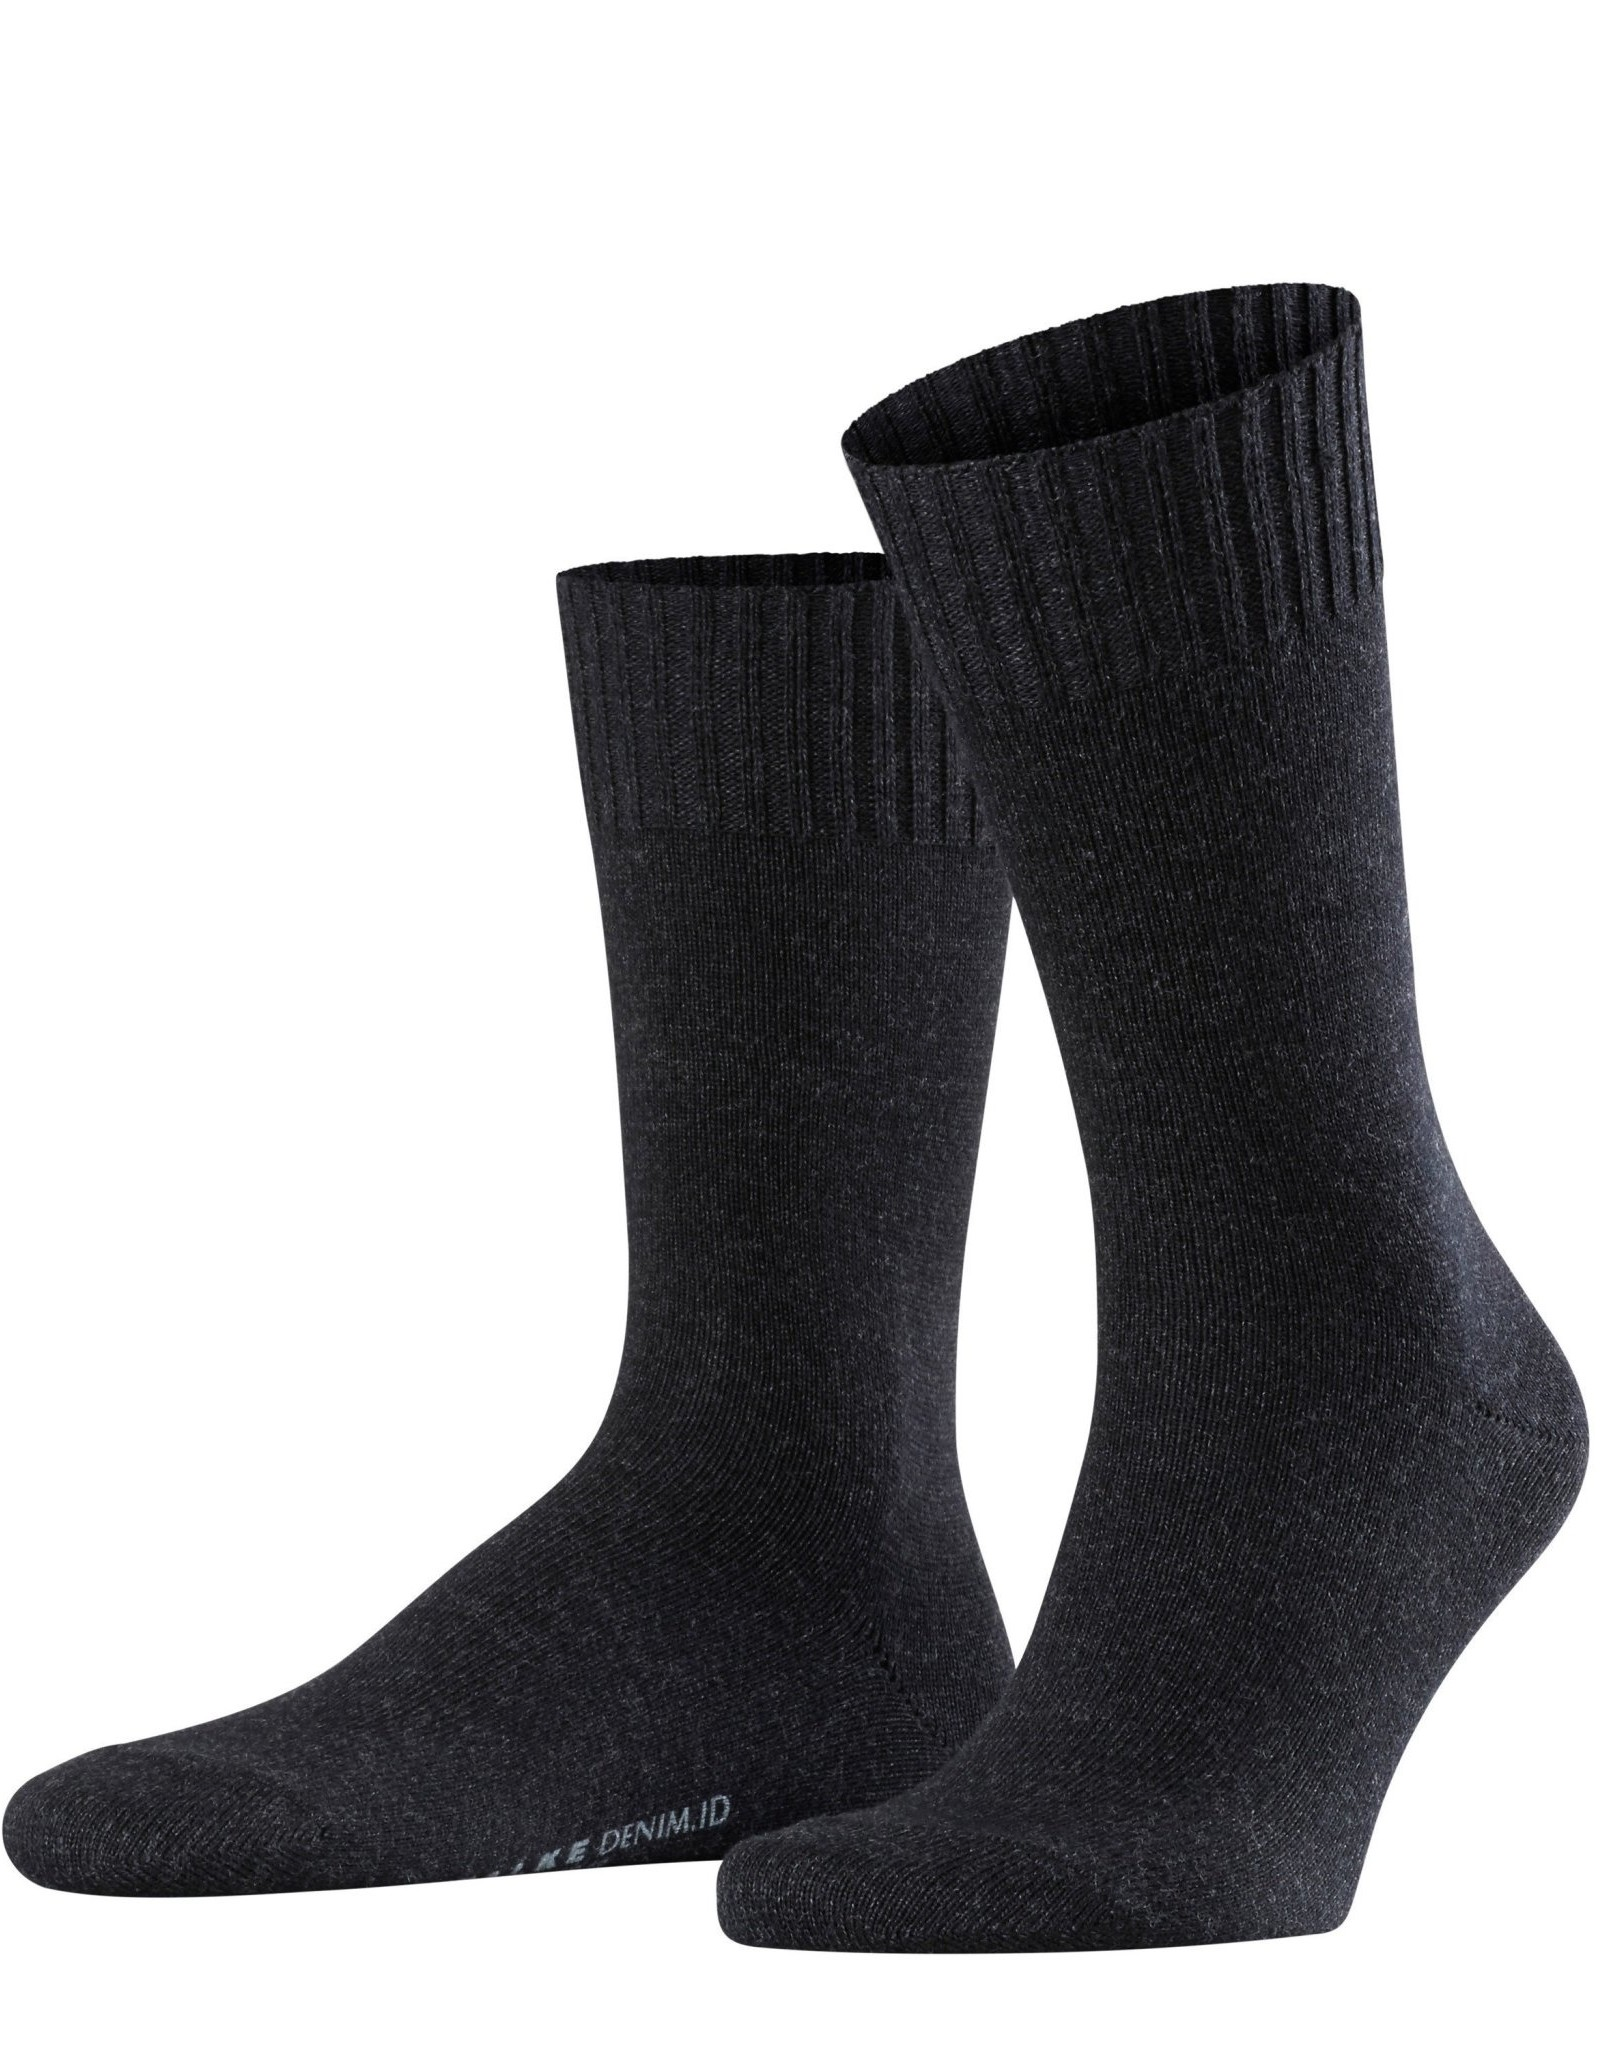 Falke Denim.ID korte sokken antraciet melange